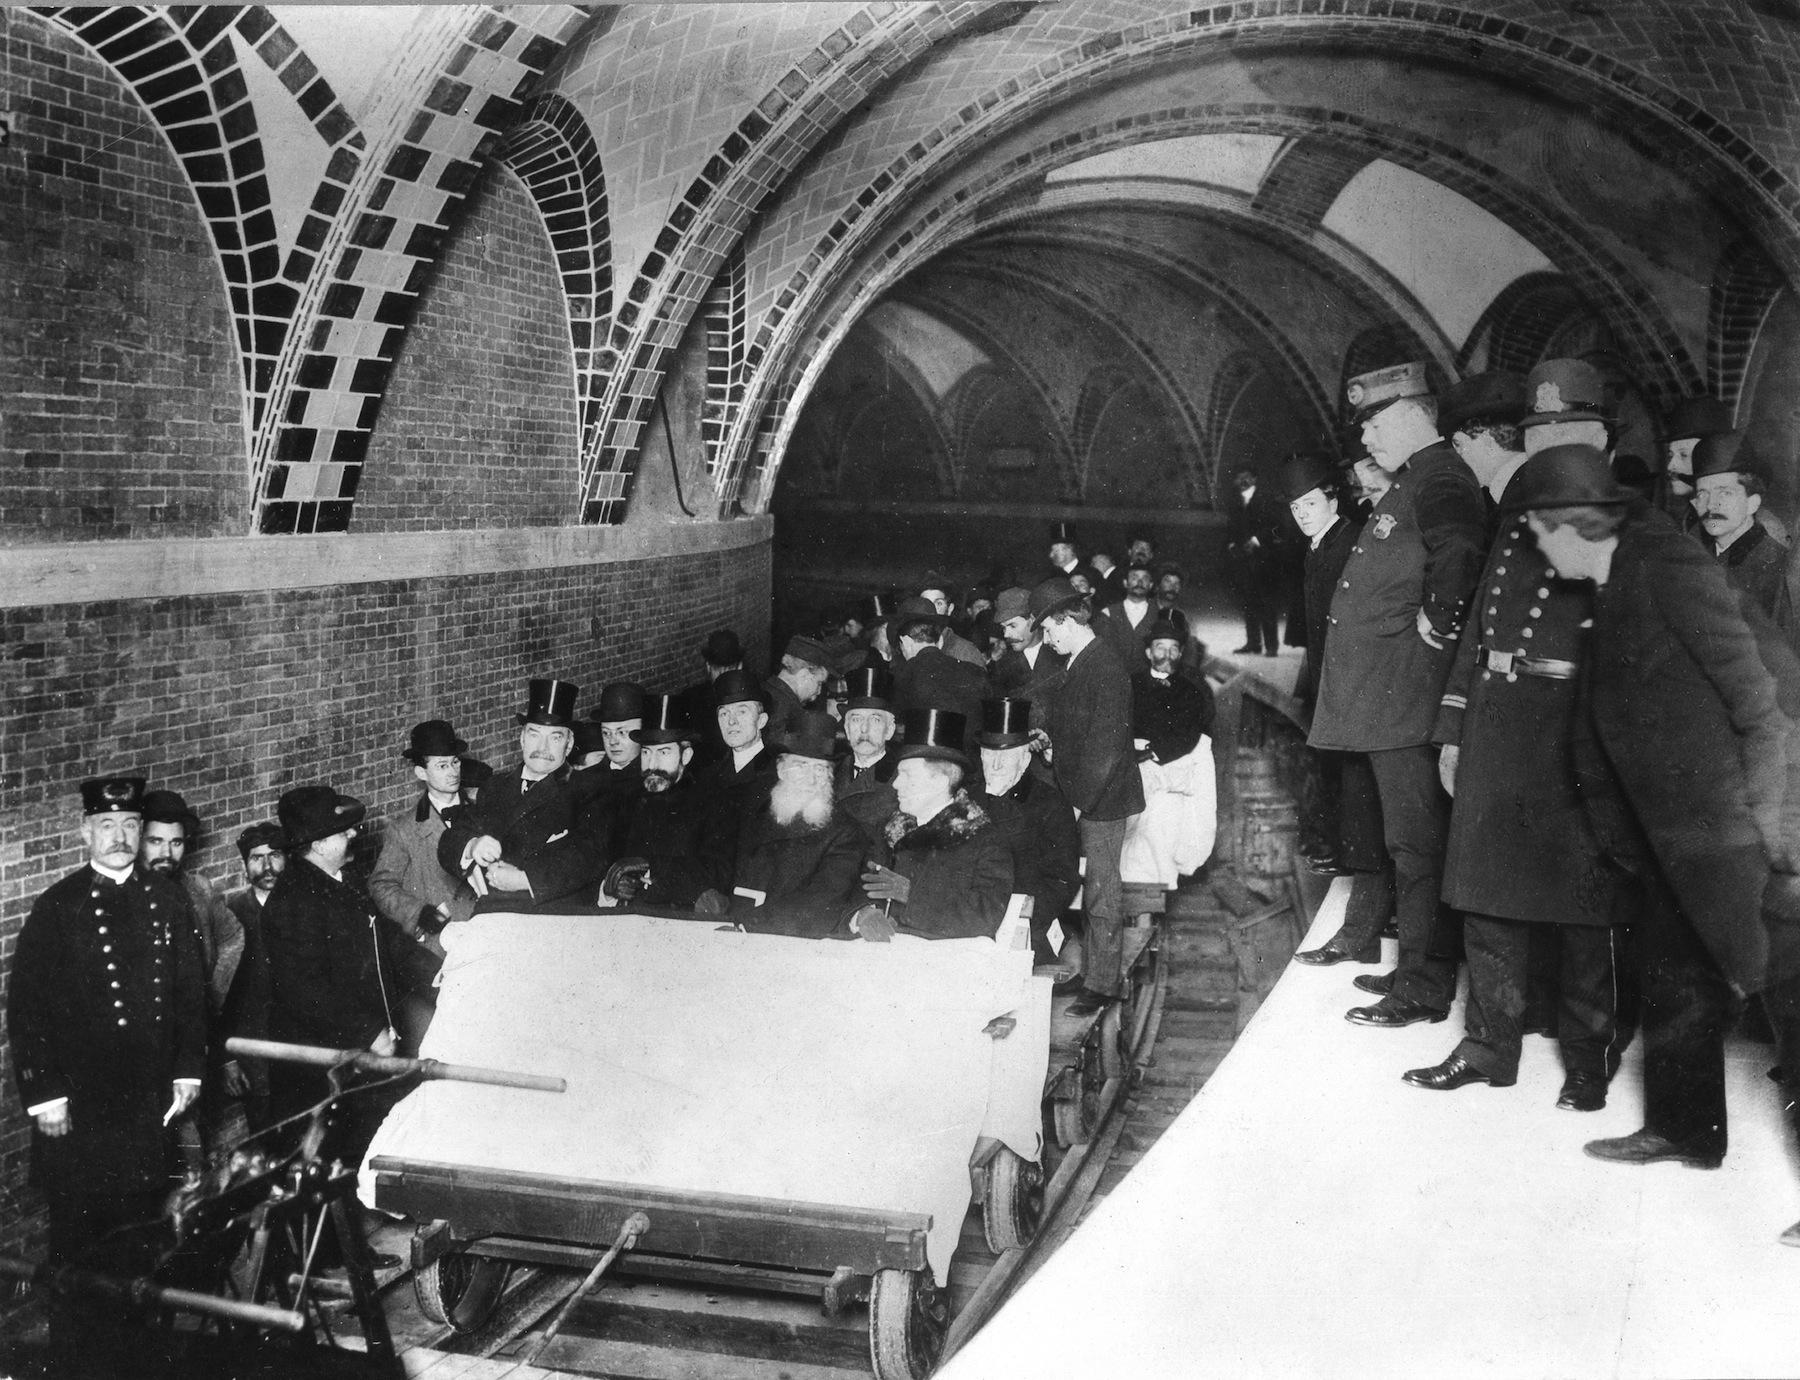 A New York-i metró legelső napjáról 1904 februárjában készült az első kép, melyet Edwin Levick magnéziumos villanófény segítségével fényképezte. A képen a város polgármestere, McClellan is feltűnik.